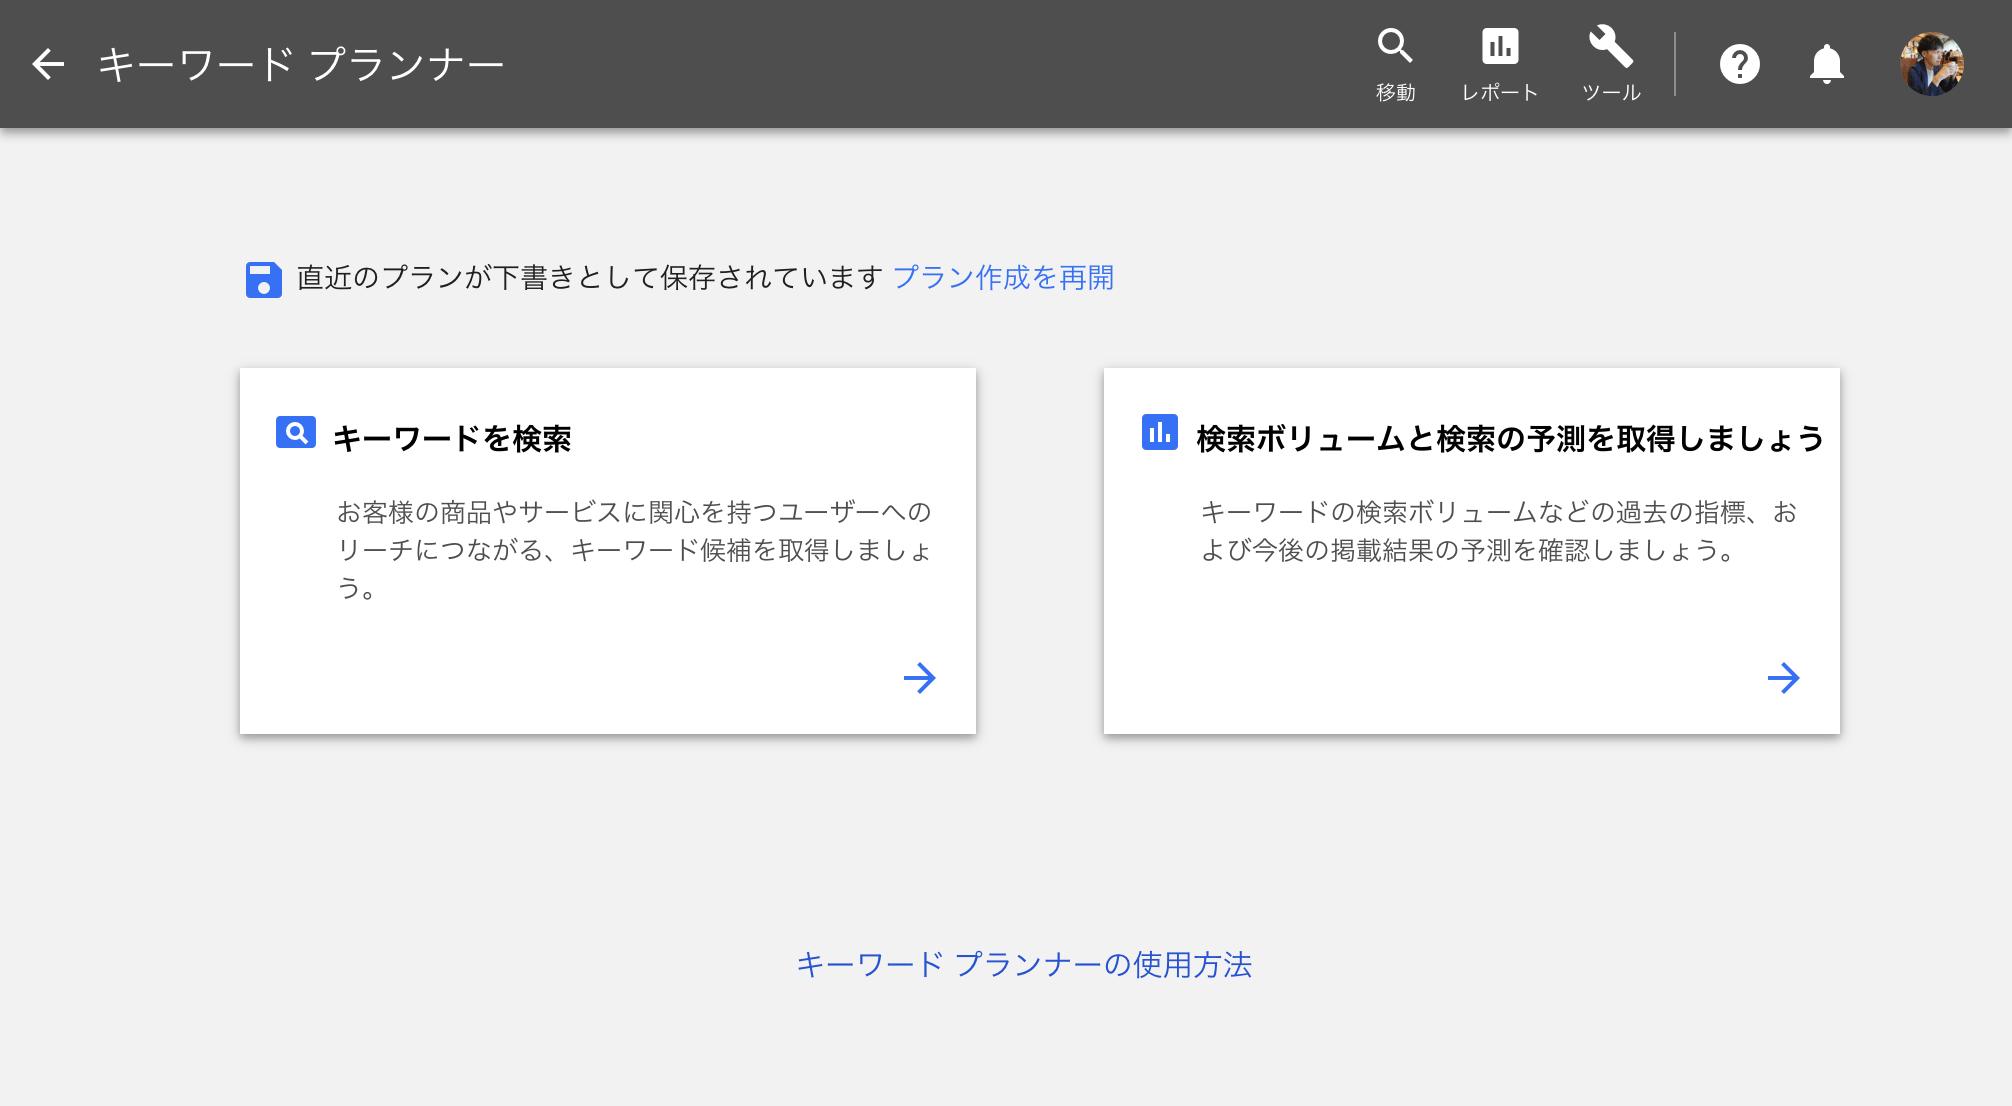 キーワードプランナー操作画面